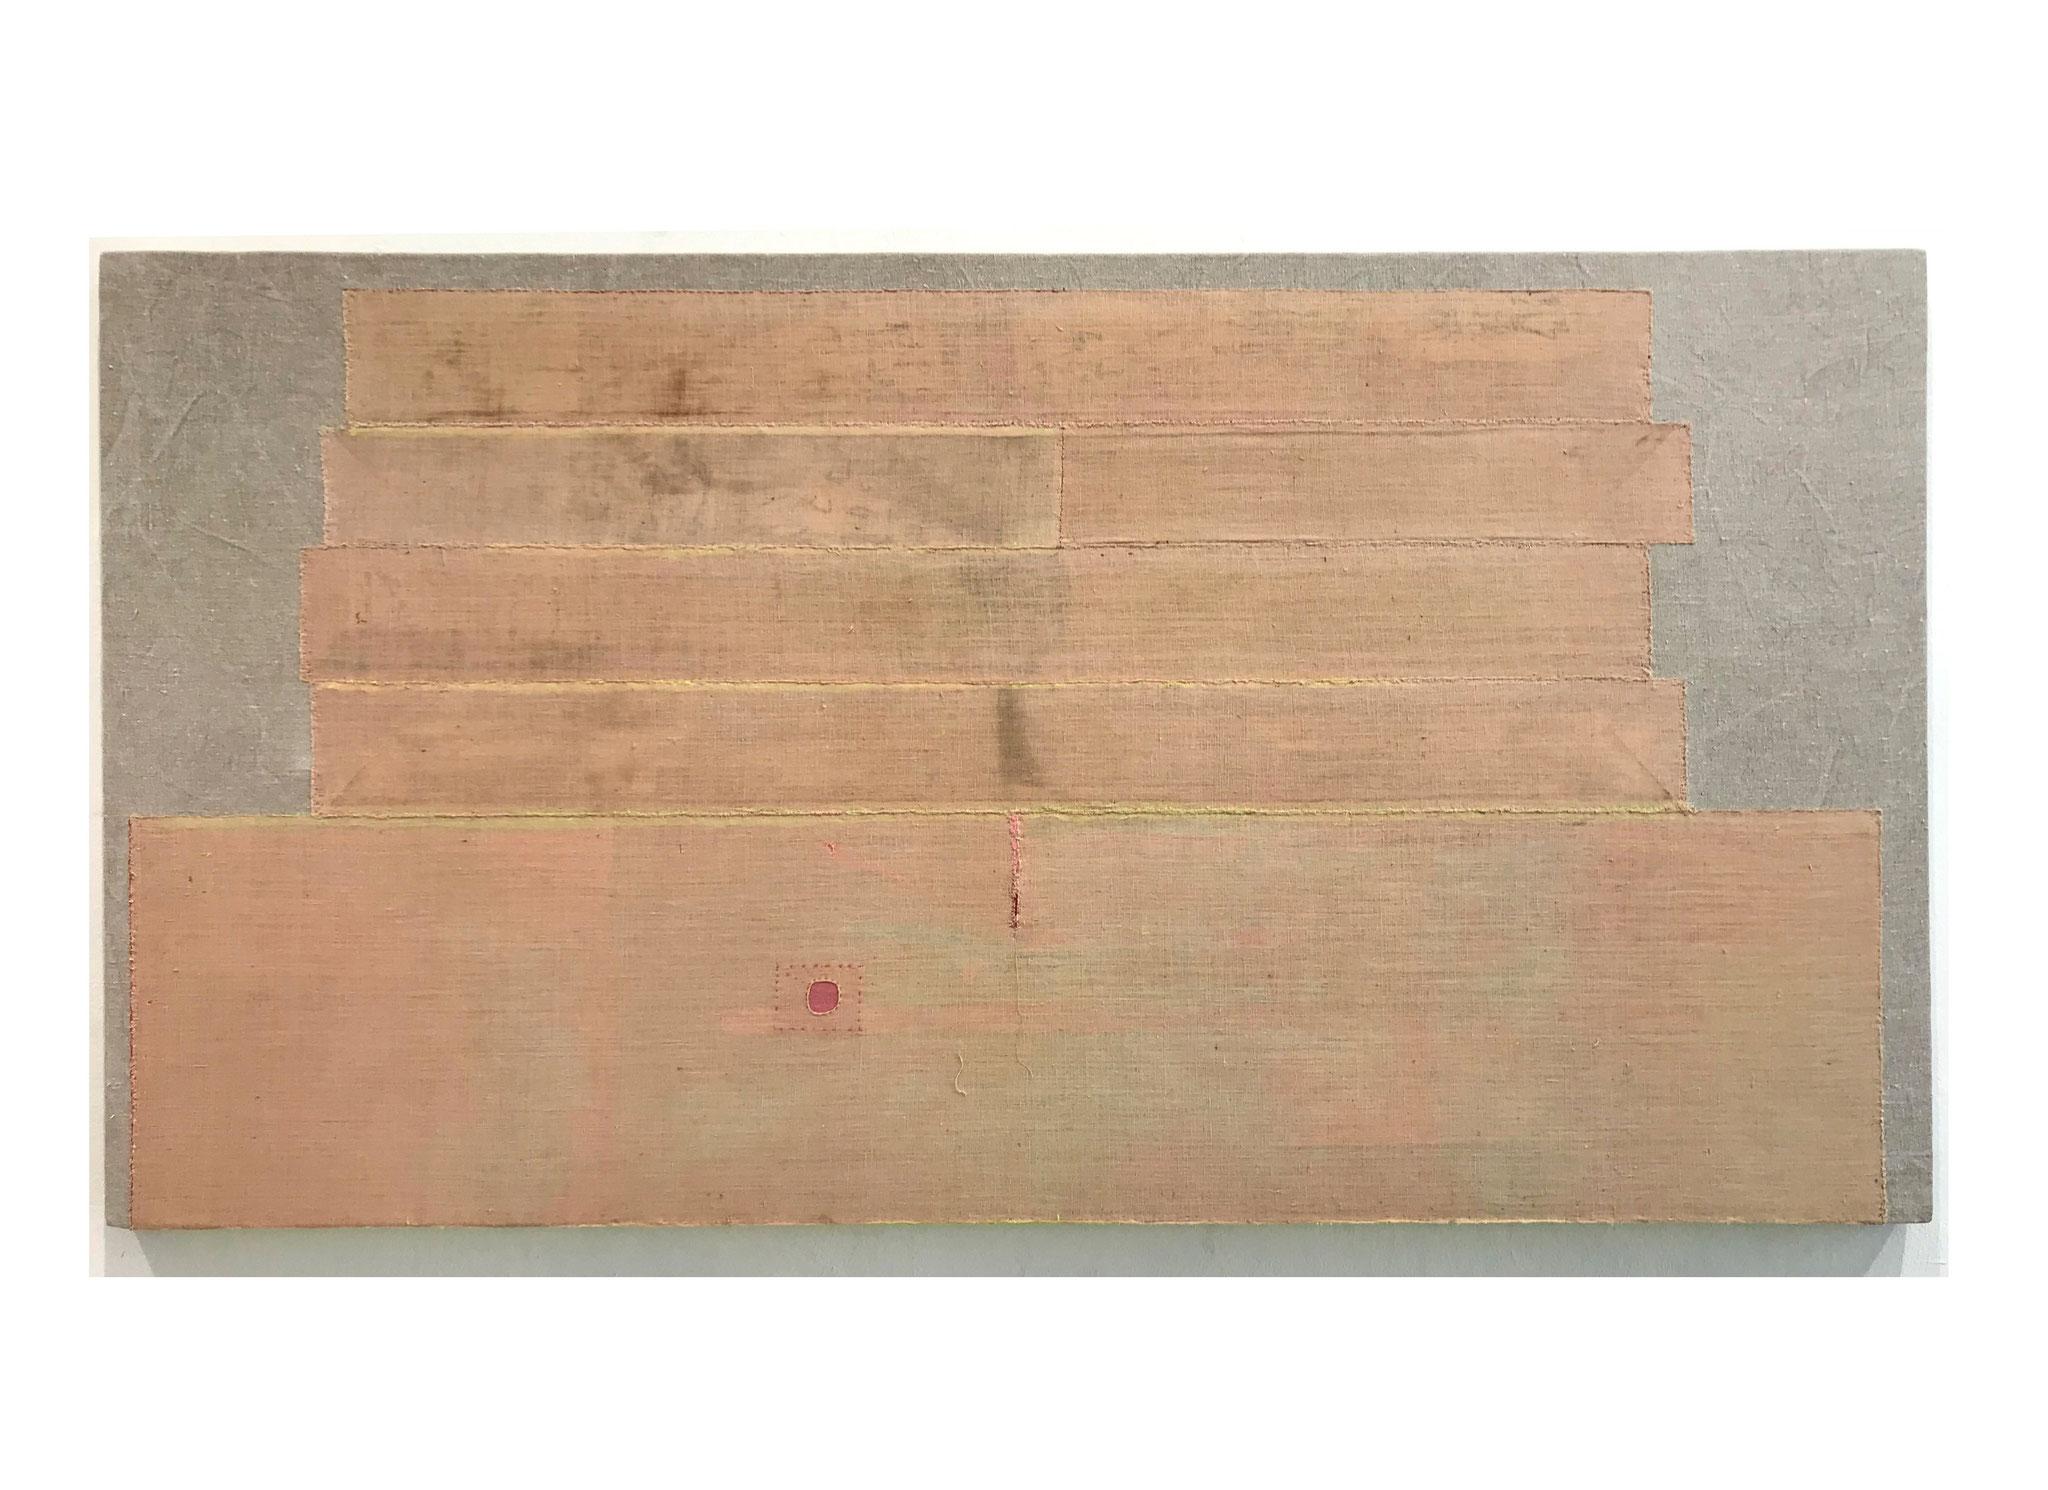 """Uli Fischer, """"FROM THERE TO NOW"""", 2020, historische Baumwolle und Leinen, 78 x 146 cm"""